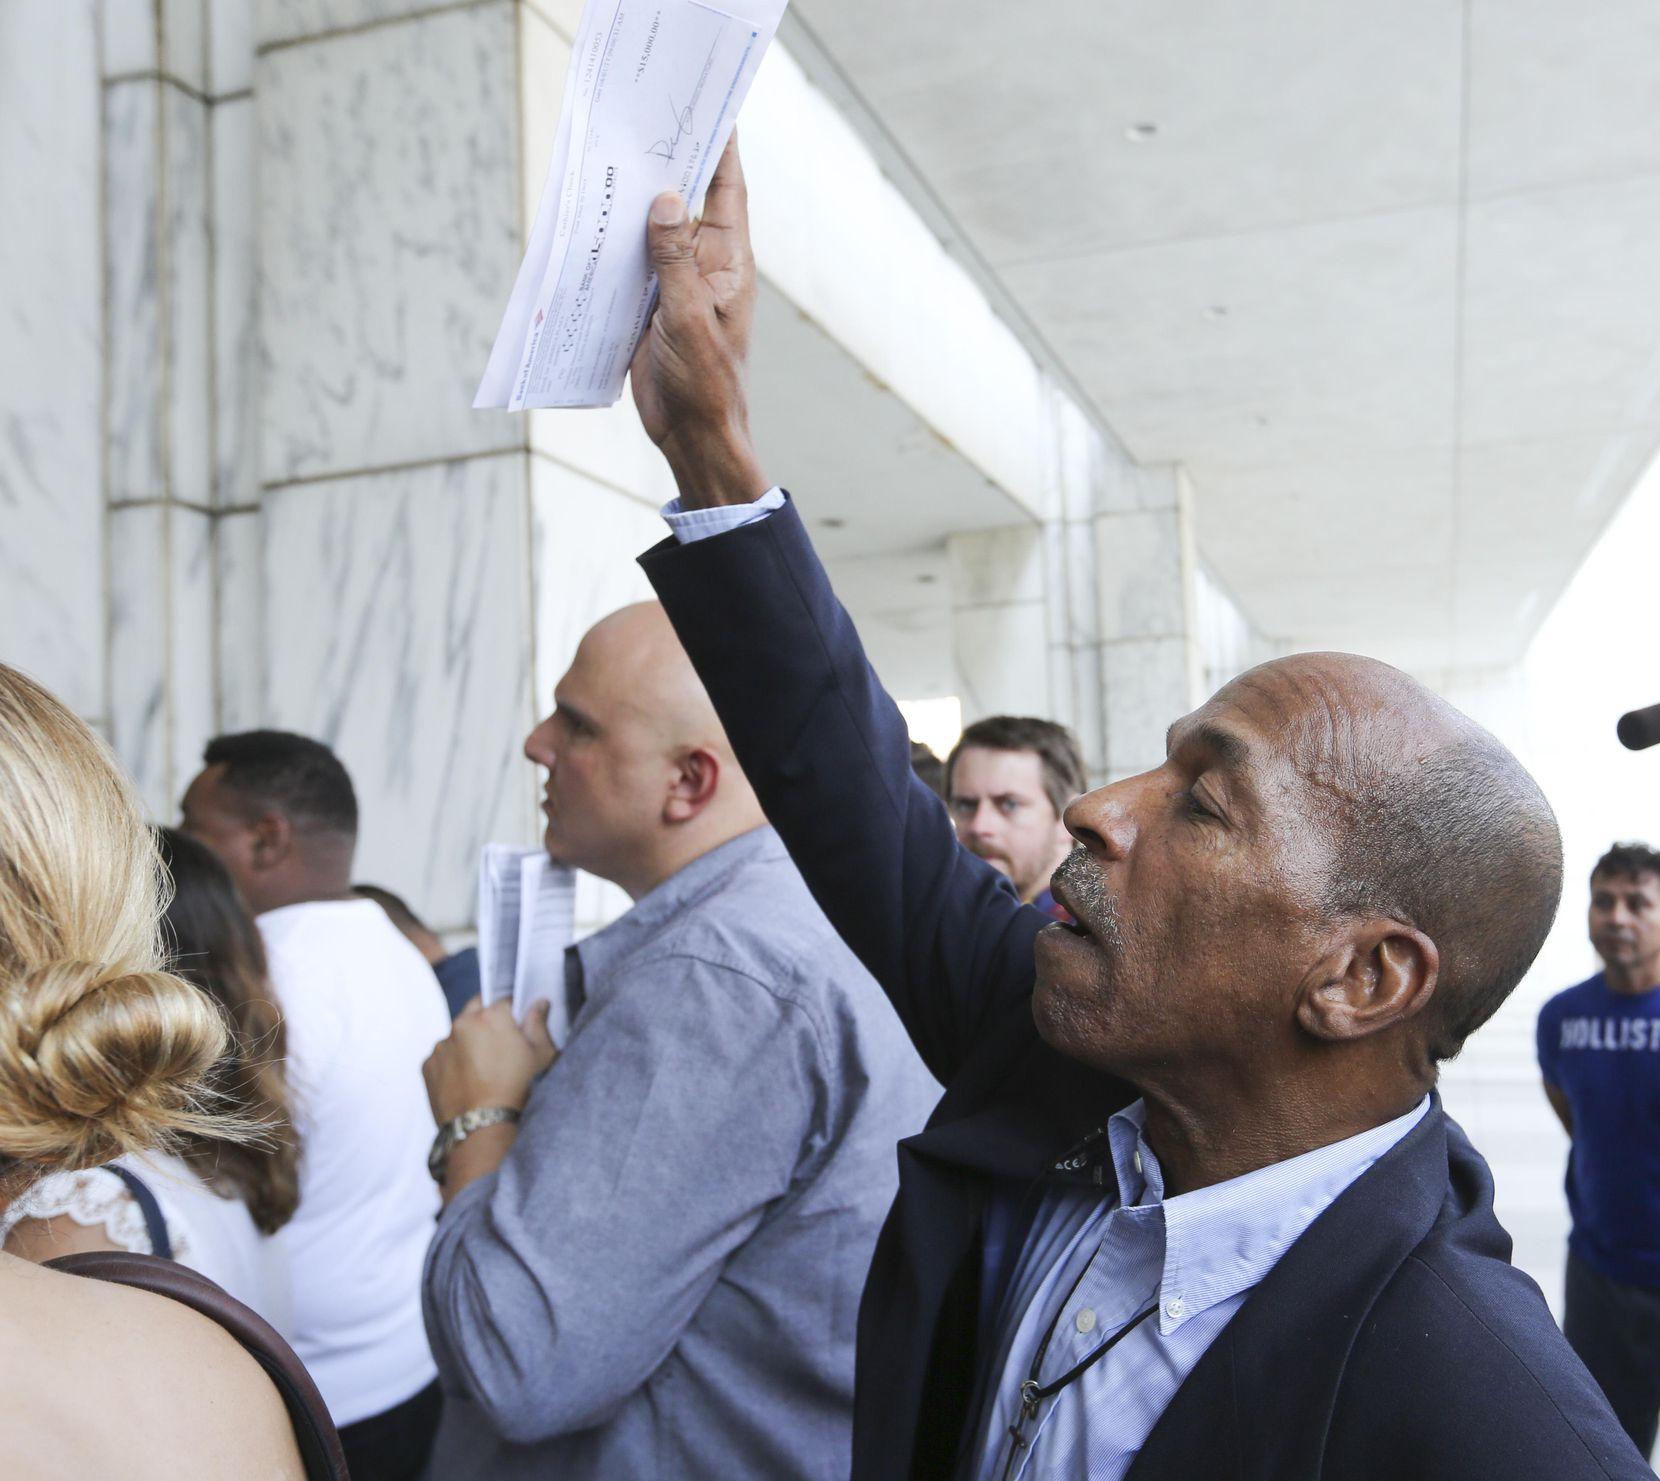 El activista comunitario Anthony Bond trató de comprar la casa de los Palma en una audiencia pública el martes. Tenía un cheque de $15,000 que le dio la fiscal Faith Johnson, quien fue la abogada del caso antes de asumir su cargo público. RON BASELICE/DMN